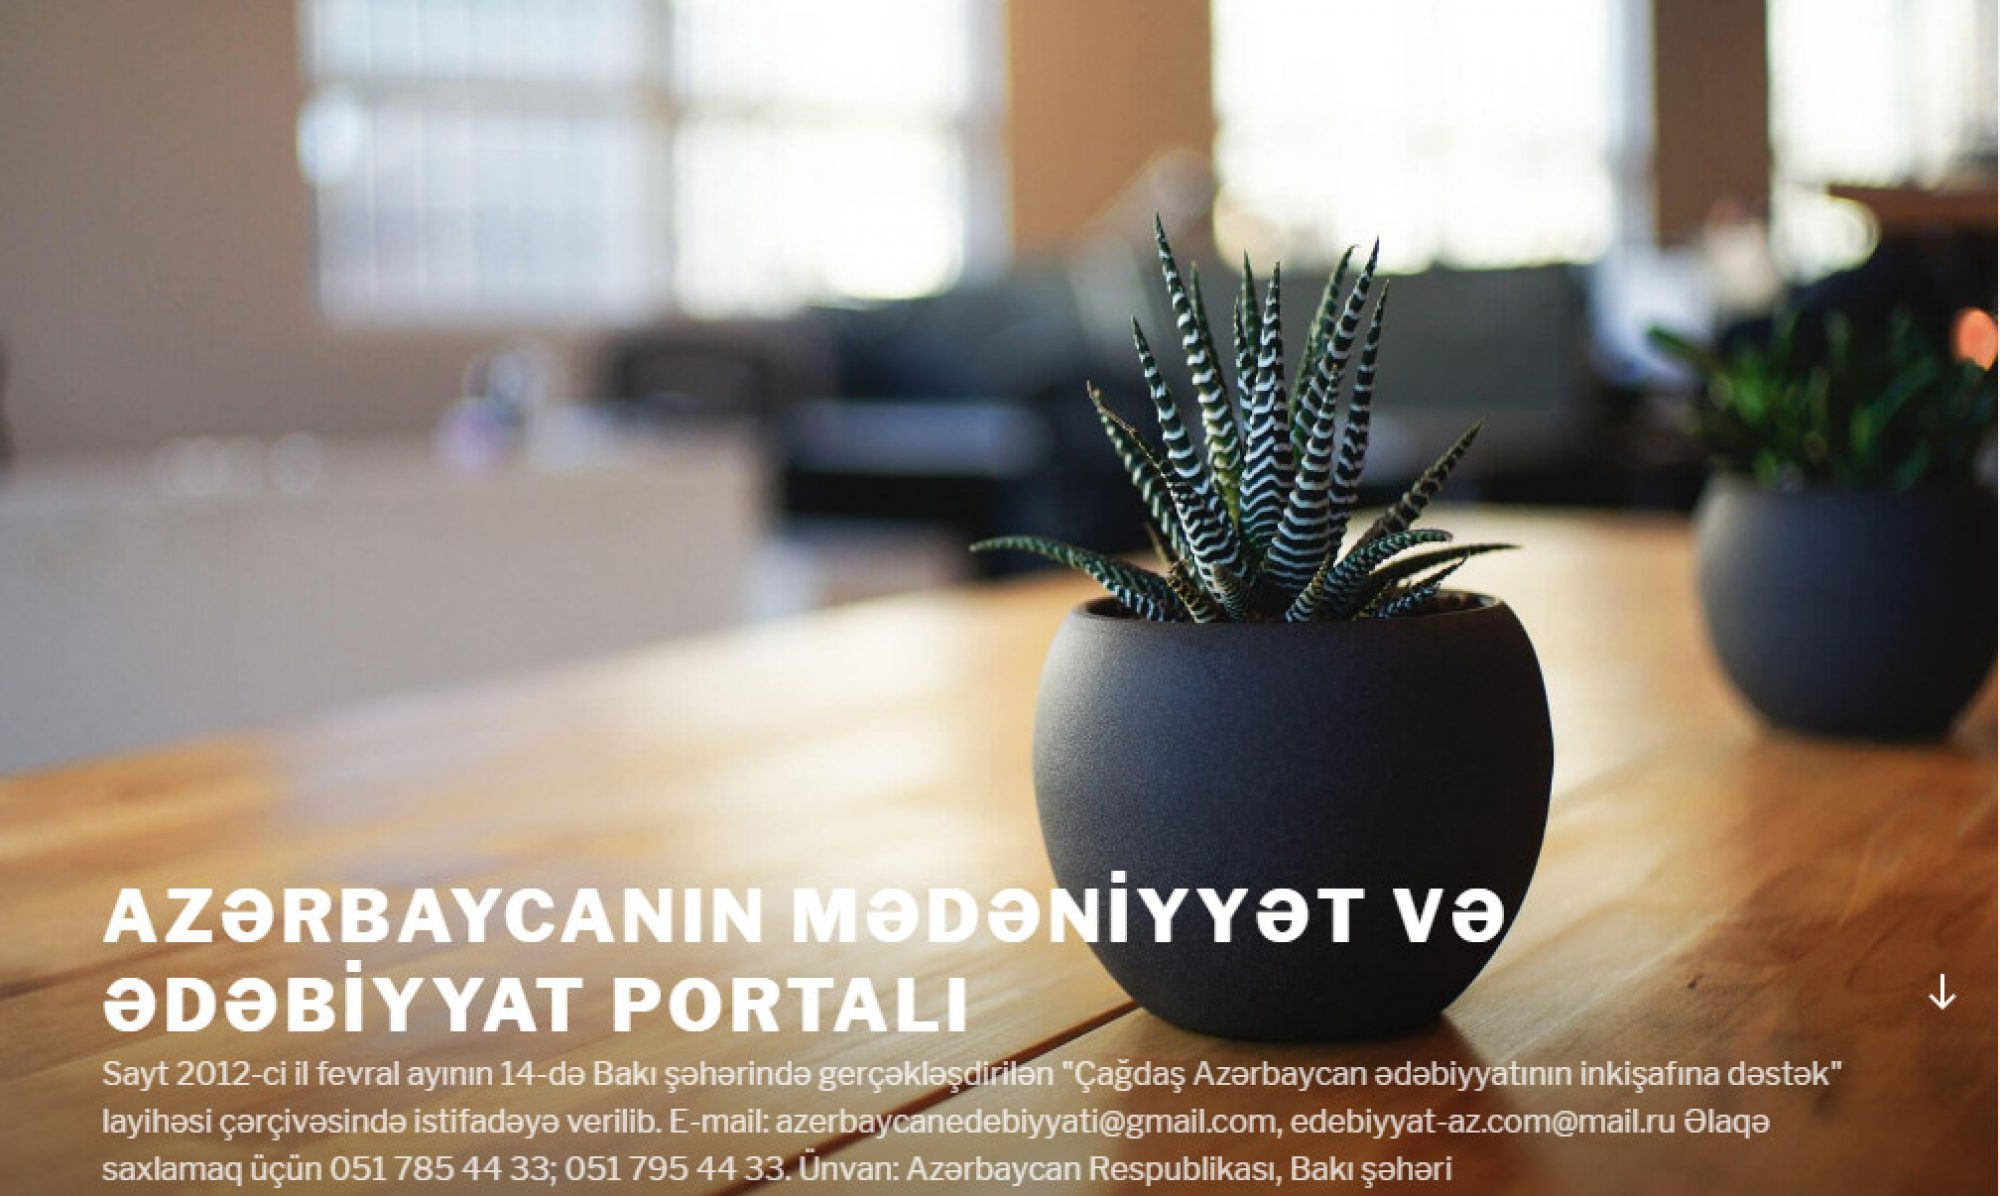 Azərbaycanın Mədəniyyət və Ədəbiyyat Portalı